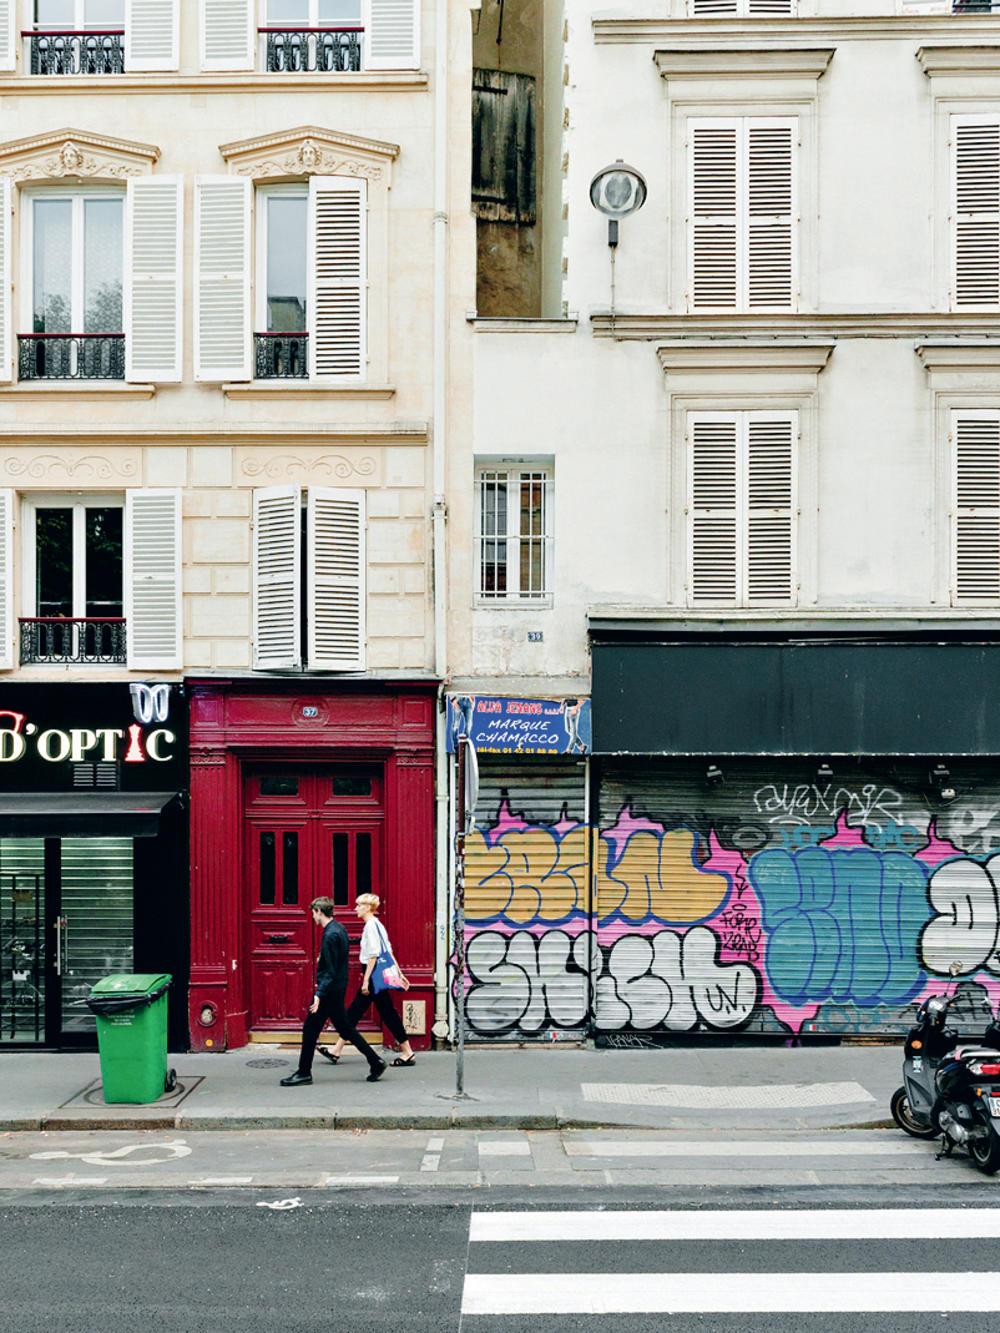 39 rue du chateau d'eau, Paris plus petite maison de paris